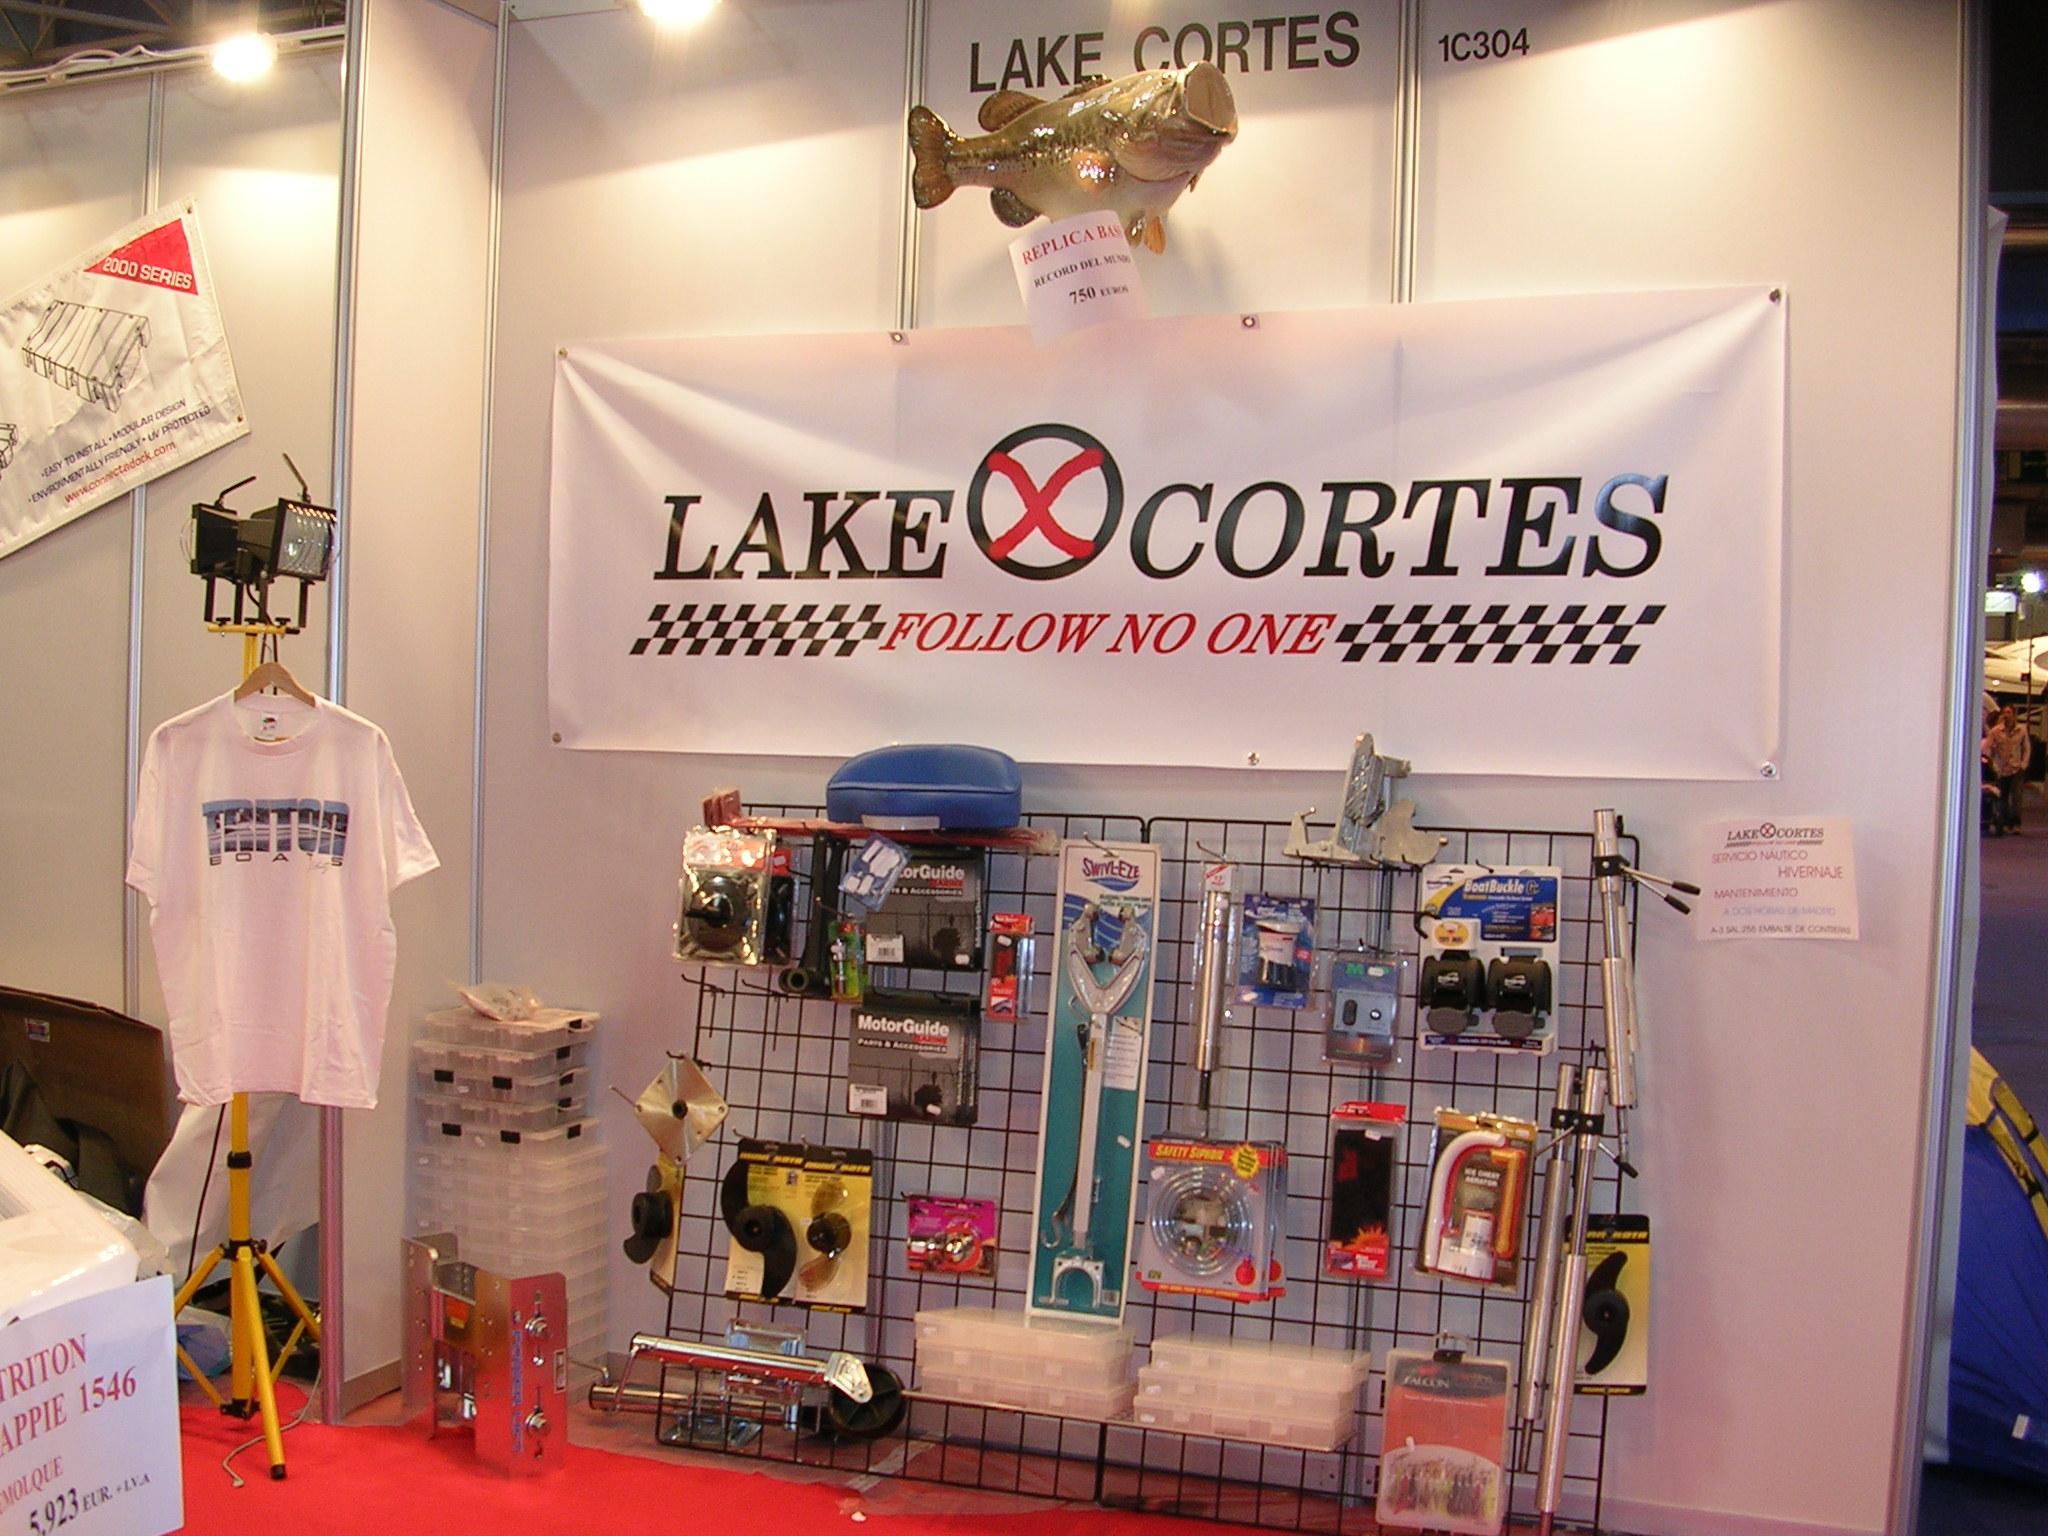 lake cortes (250).jpg